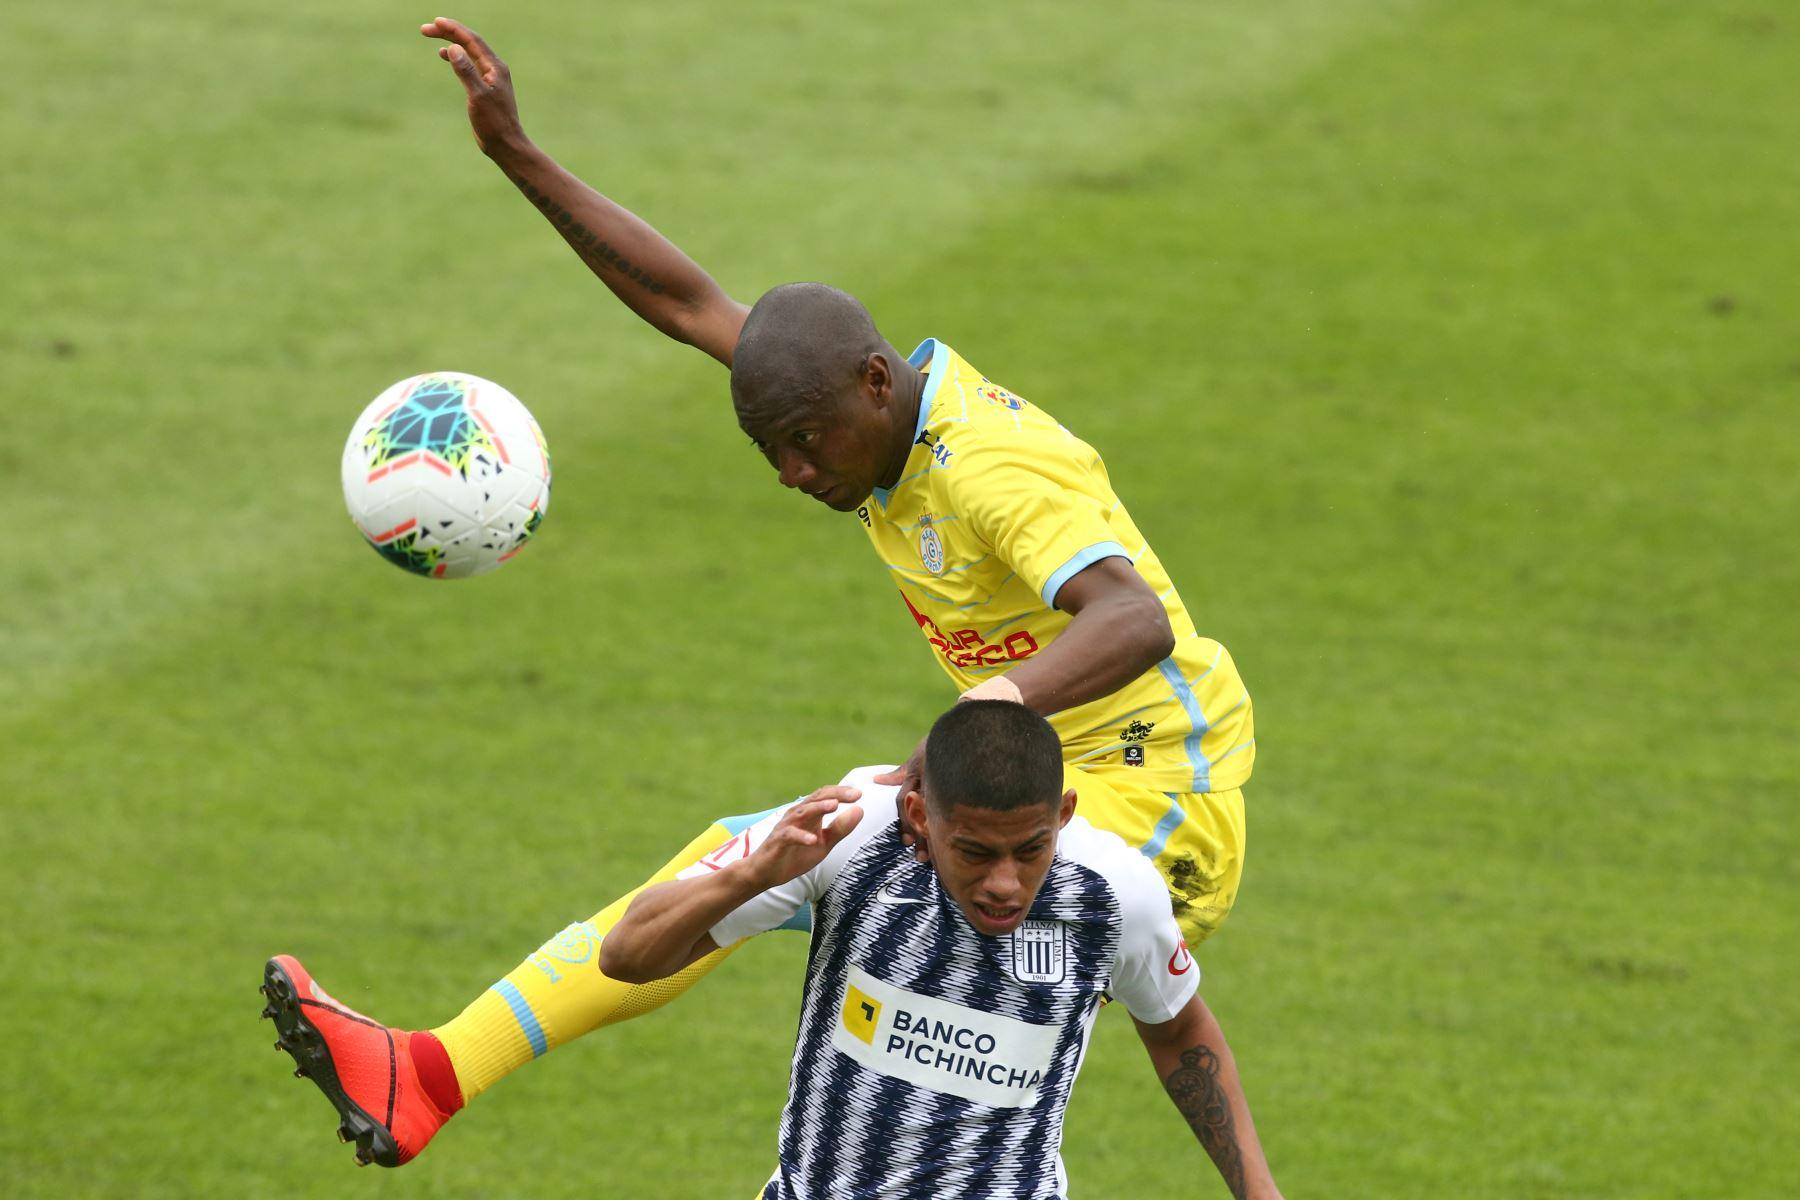 Kevin Quevedo de Alianza Lima se enfrenta a Jhoel Herrera de Real  Garcilaso por el Torneo Clausura de Liga 1. Foto: ANDINA/Vidal Tarqui